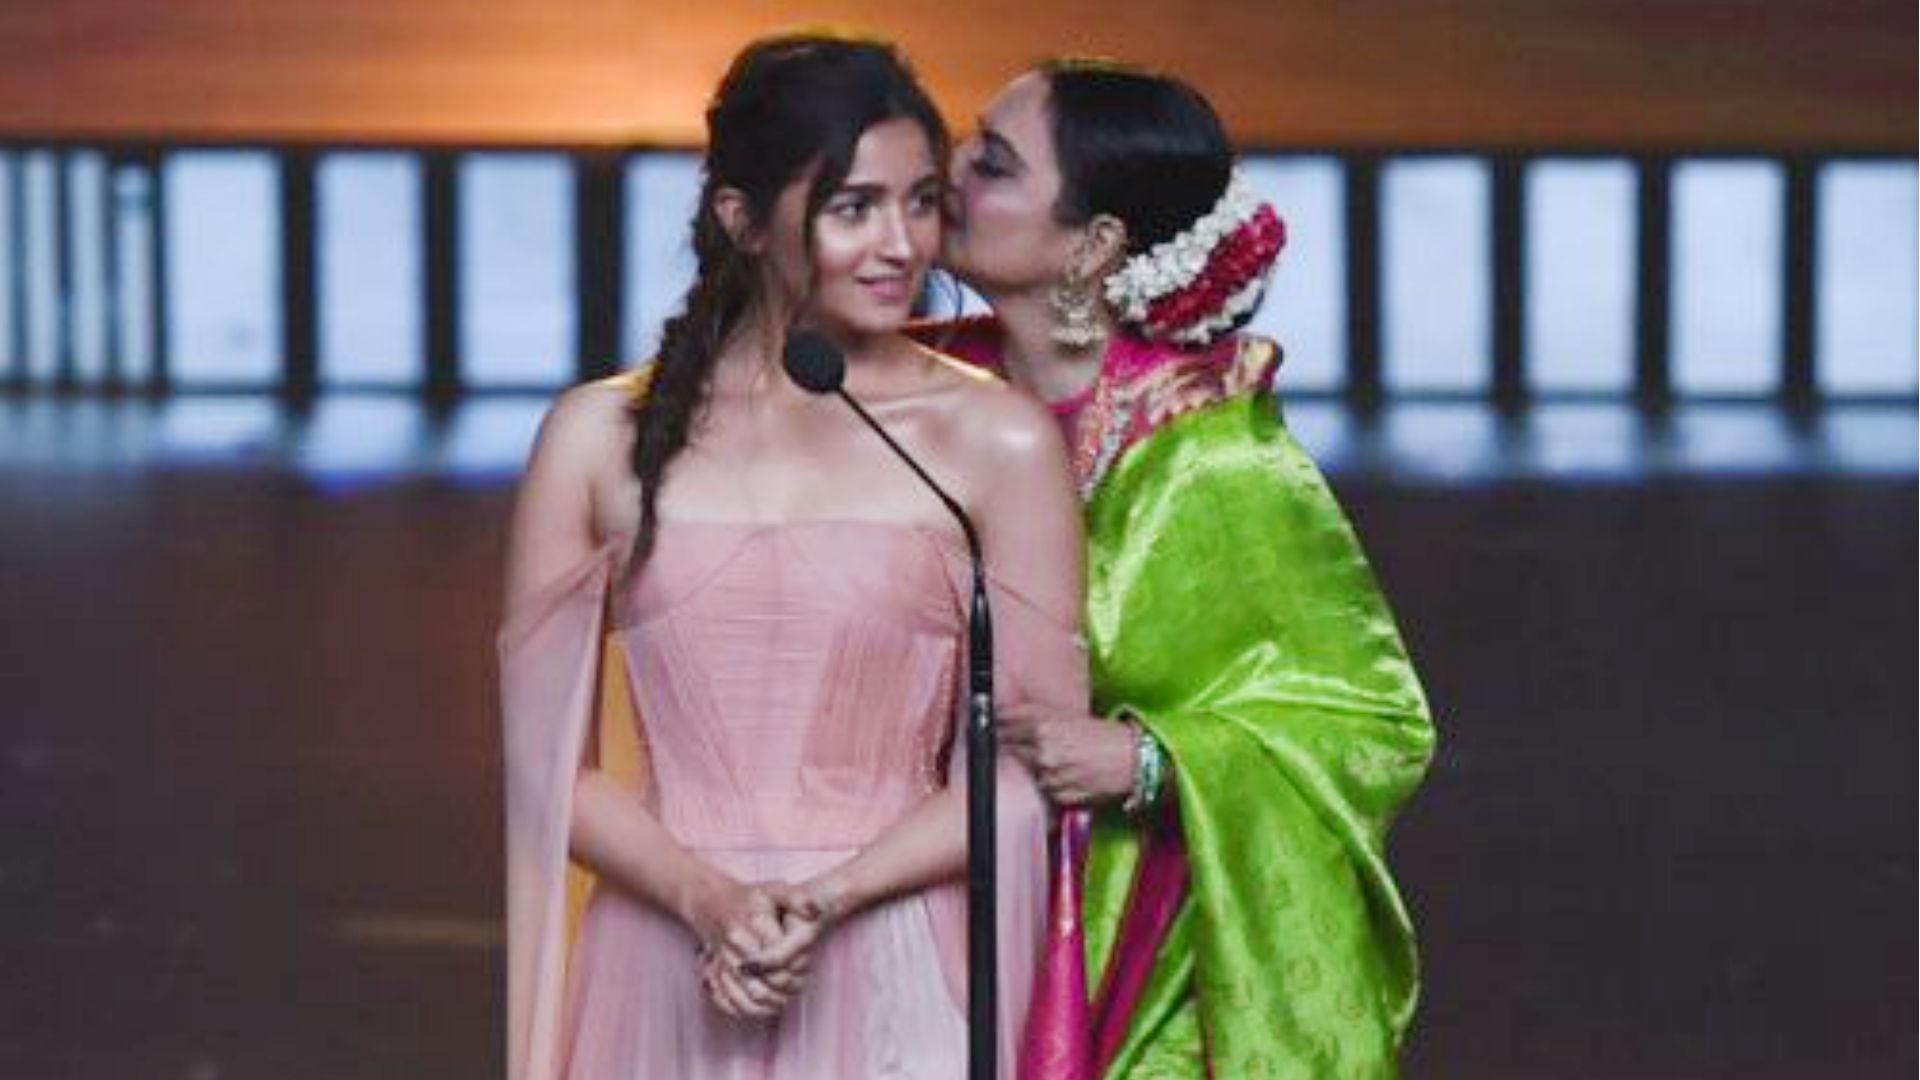 IIFA Awards 2019: रेखा ने अपने स्टाइल में बोला आलिया भट्ट का ये डायलॉग, आईफा अवॉर्ड्स में बज उठीं तालियां